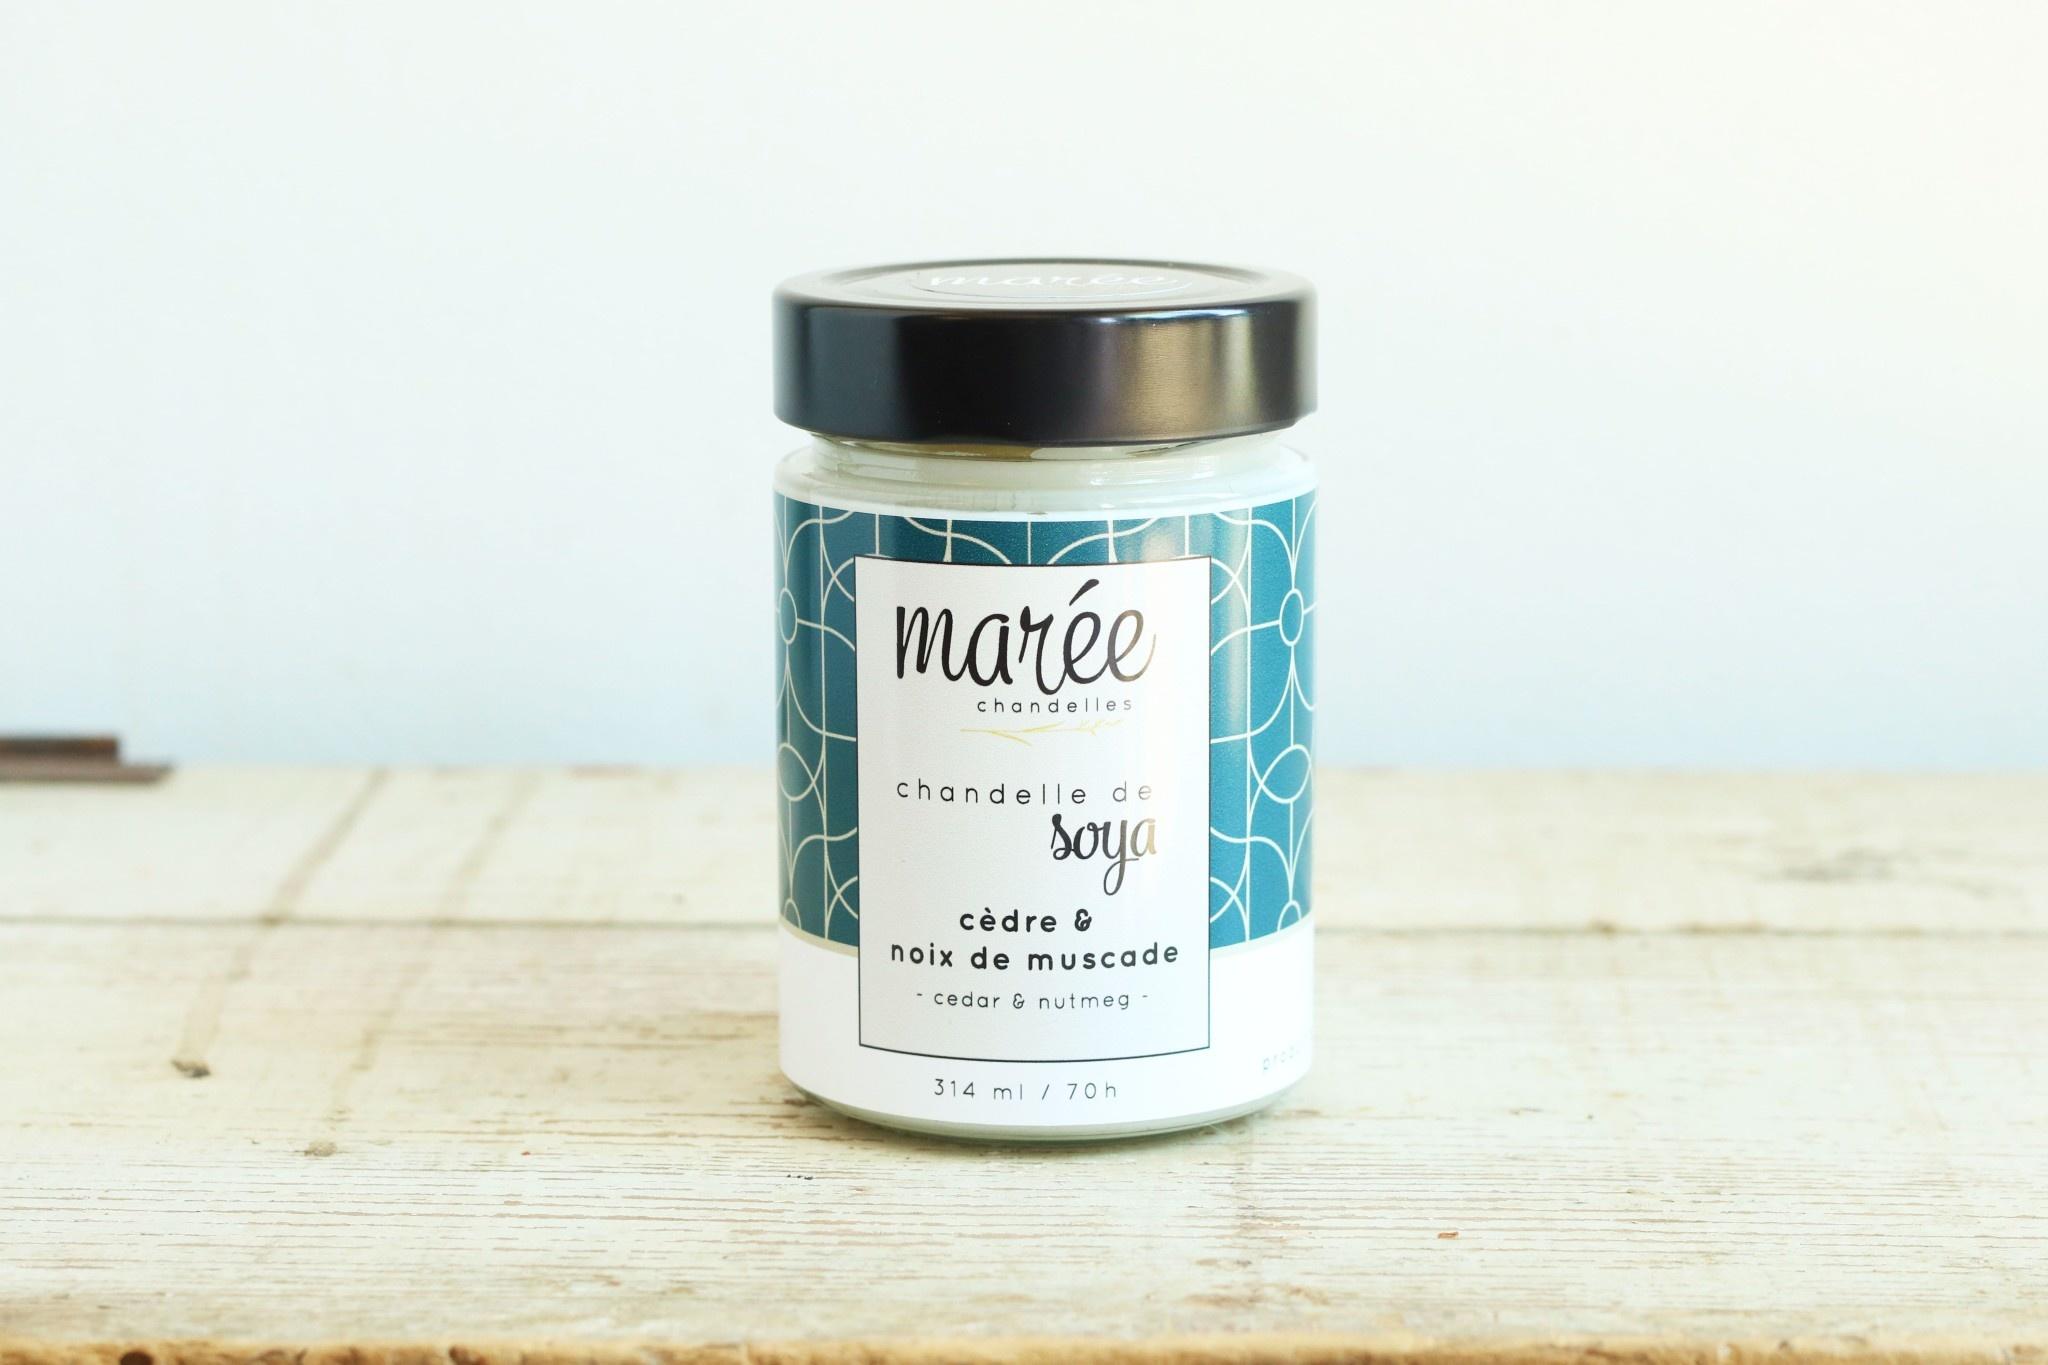 Marée chandelles MARÉE CHANDELLES: Chandelle de soya cèdre & noix de muscade